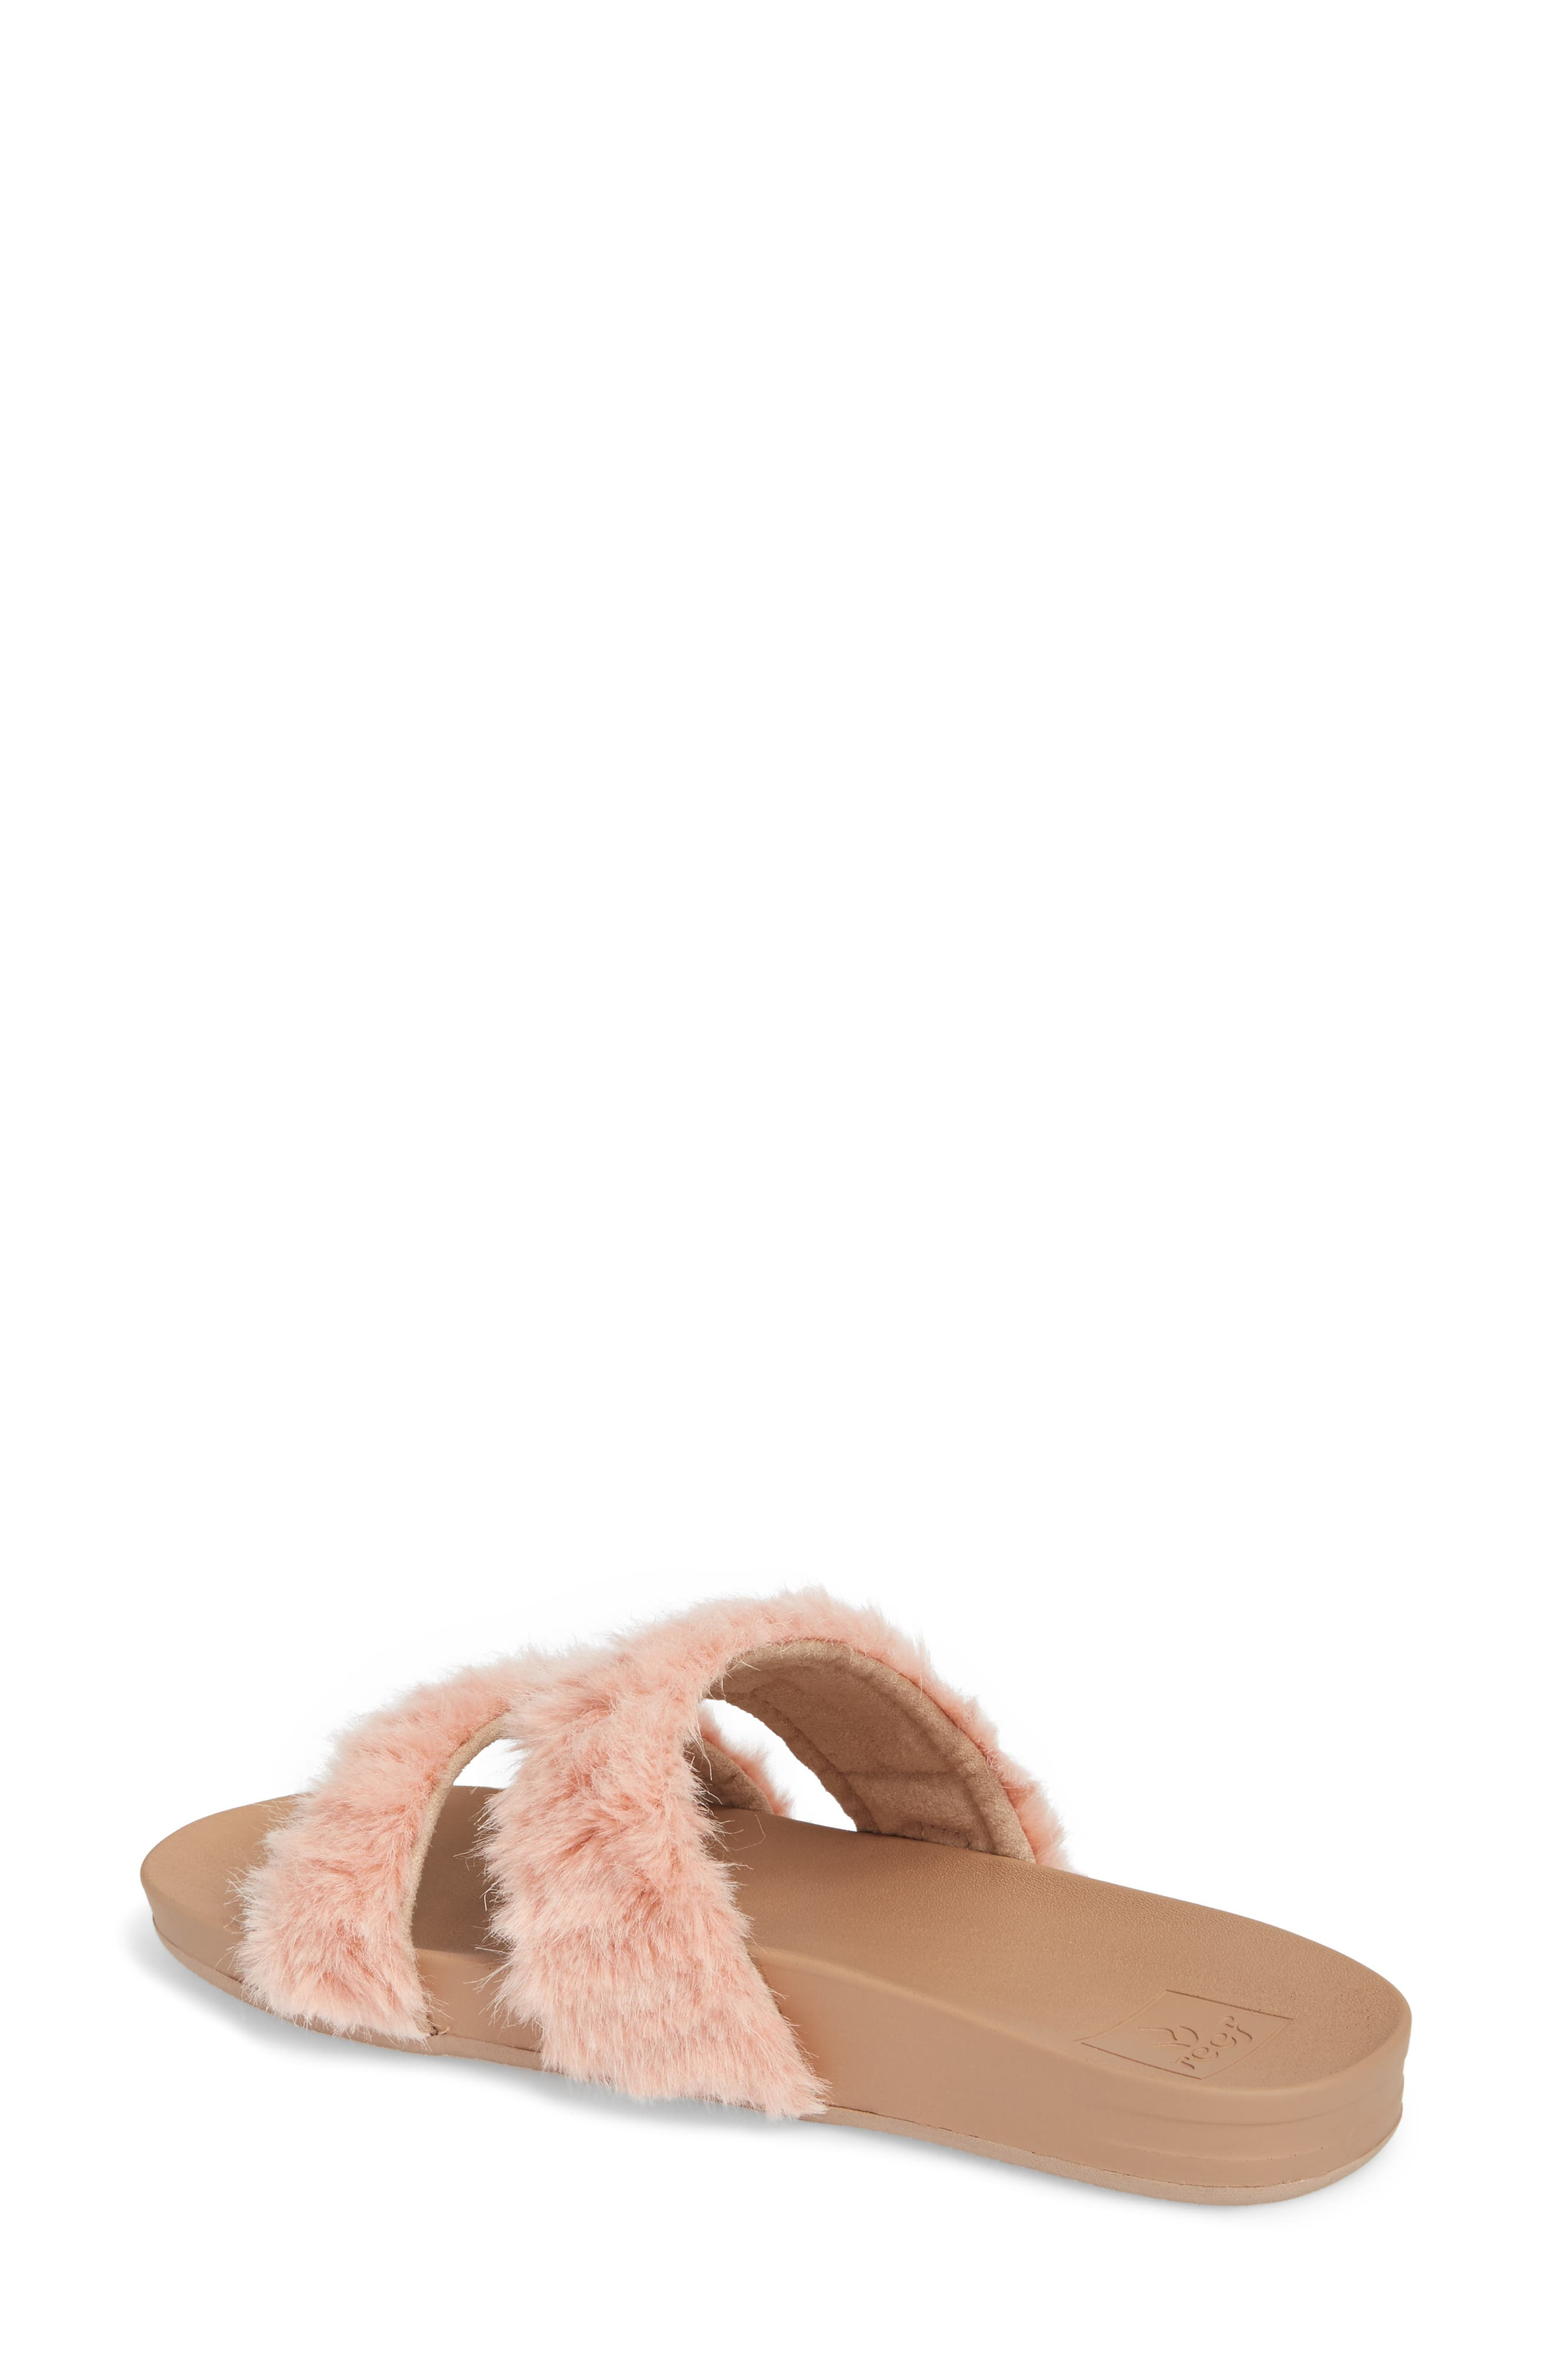 Bounce Faux Fur Double Strap Slide Sandal,                             Alternate thumbnail 2, color,                             650